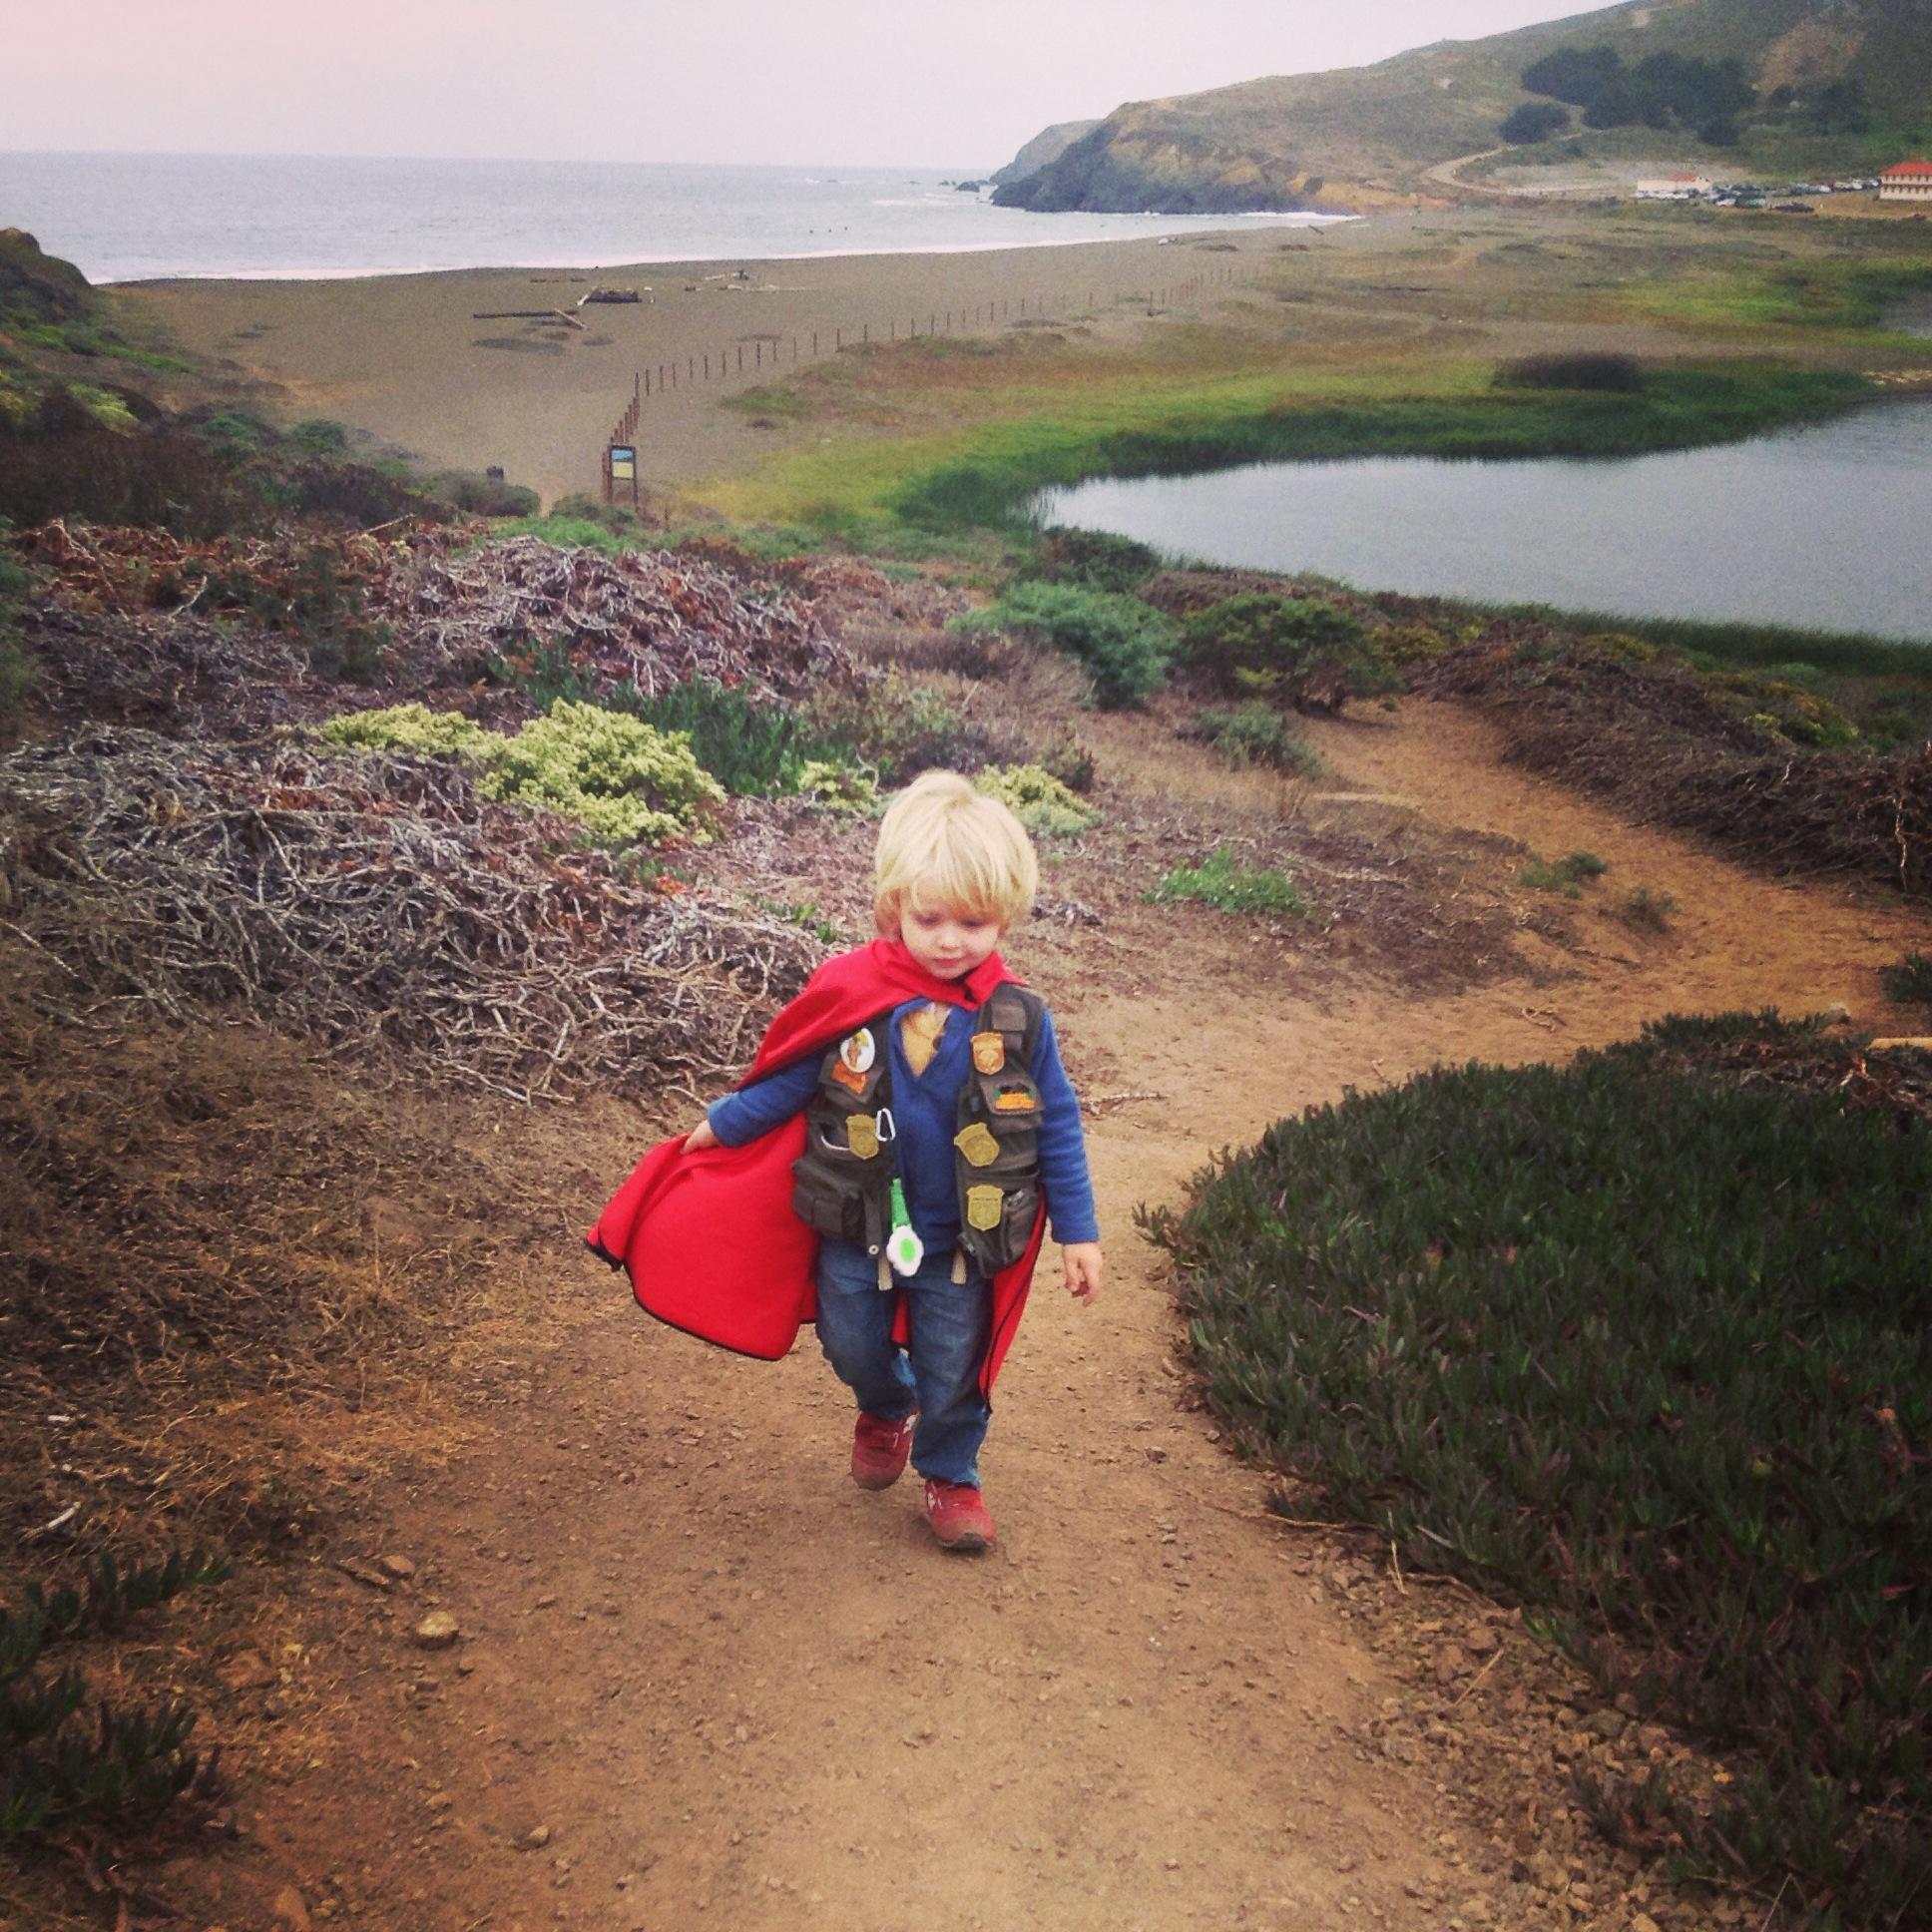 Family Fun: The National Park's Junior Ranger Program